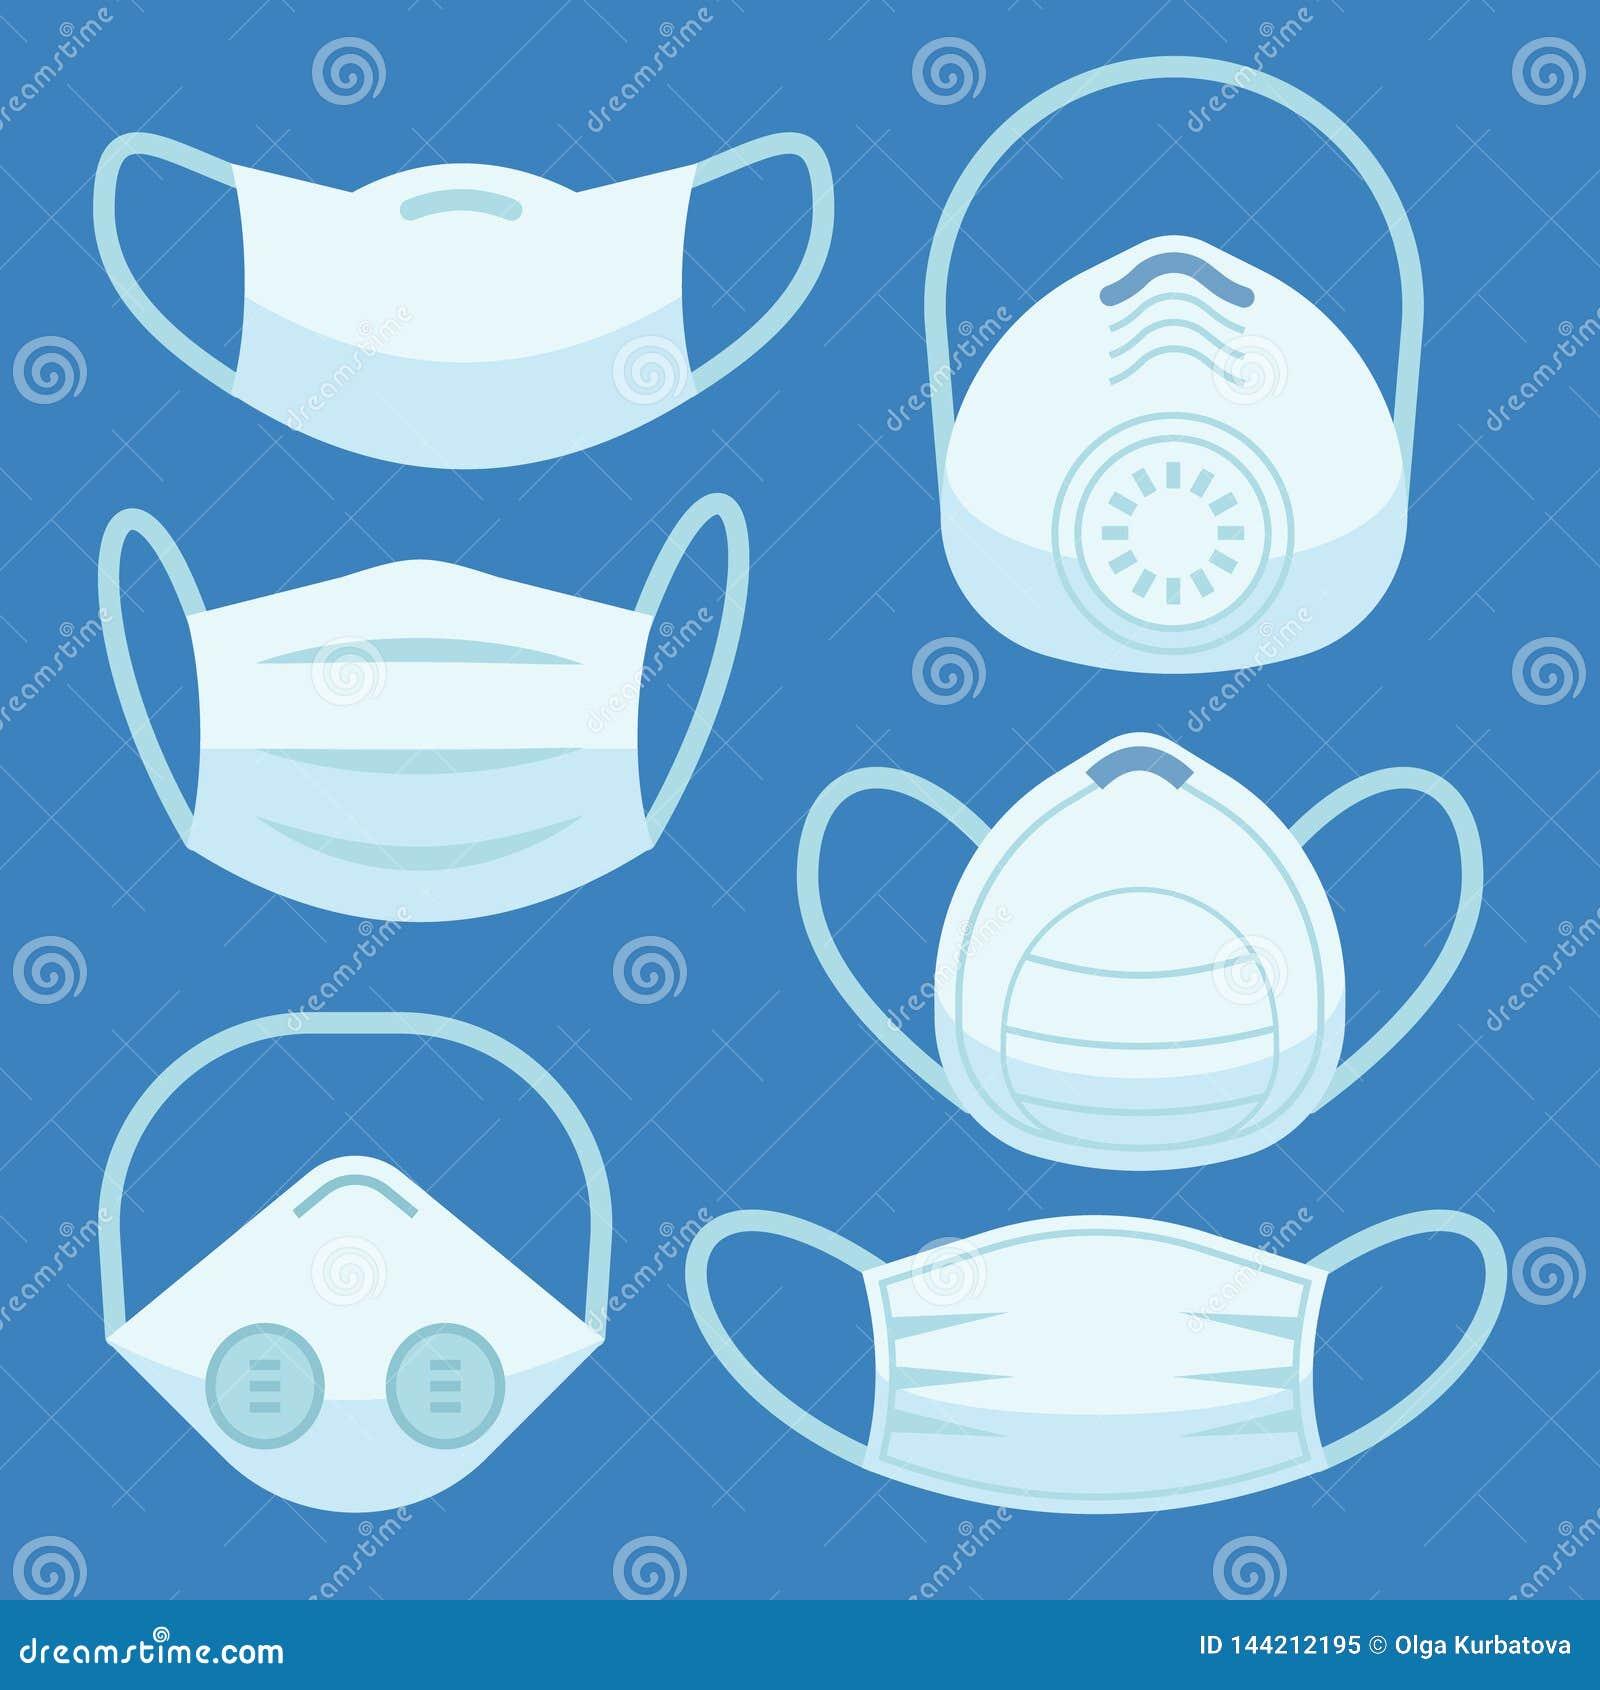 masque de protection sante